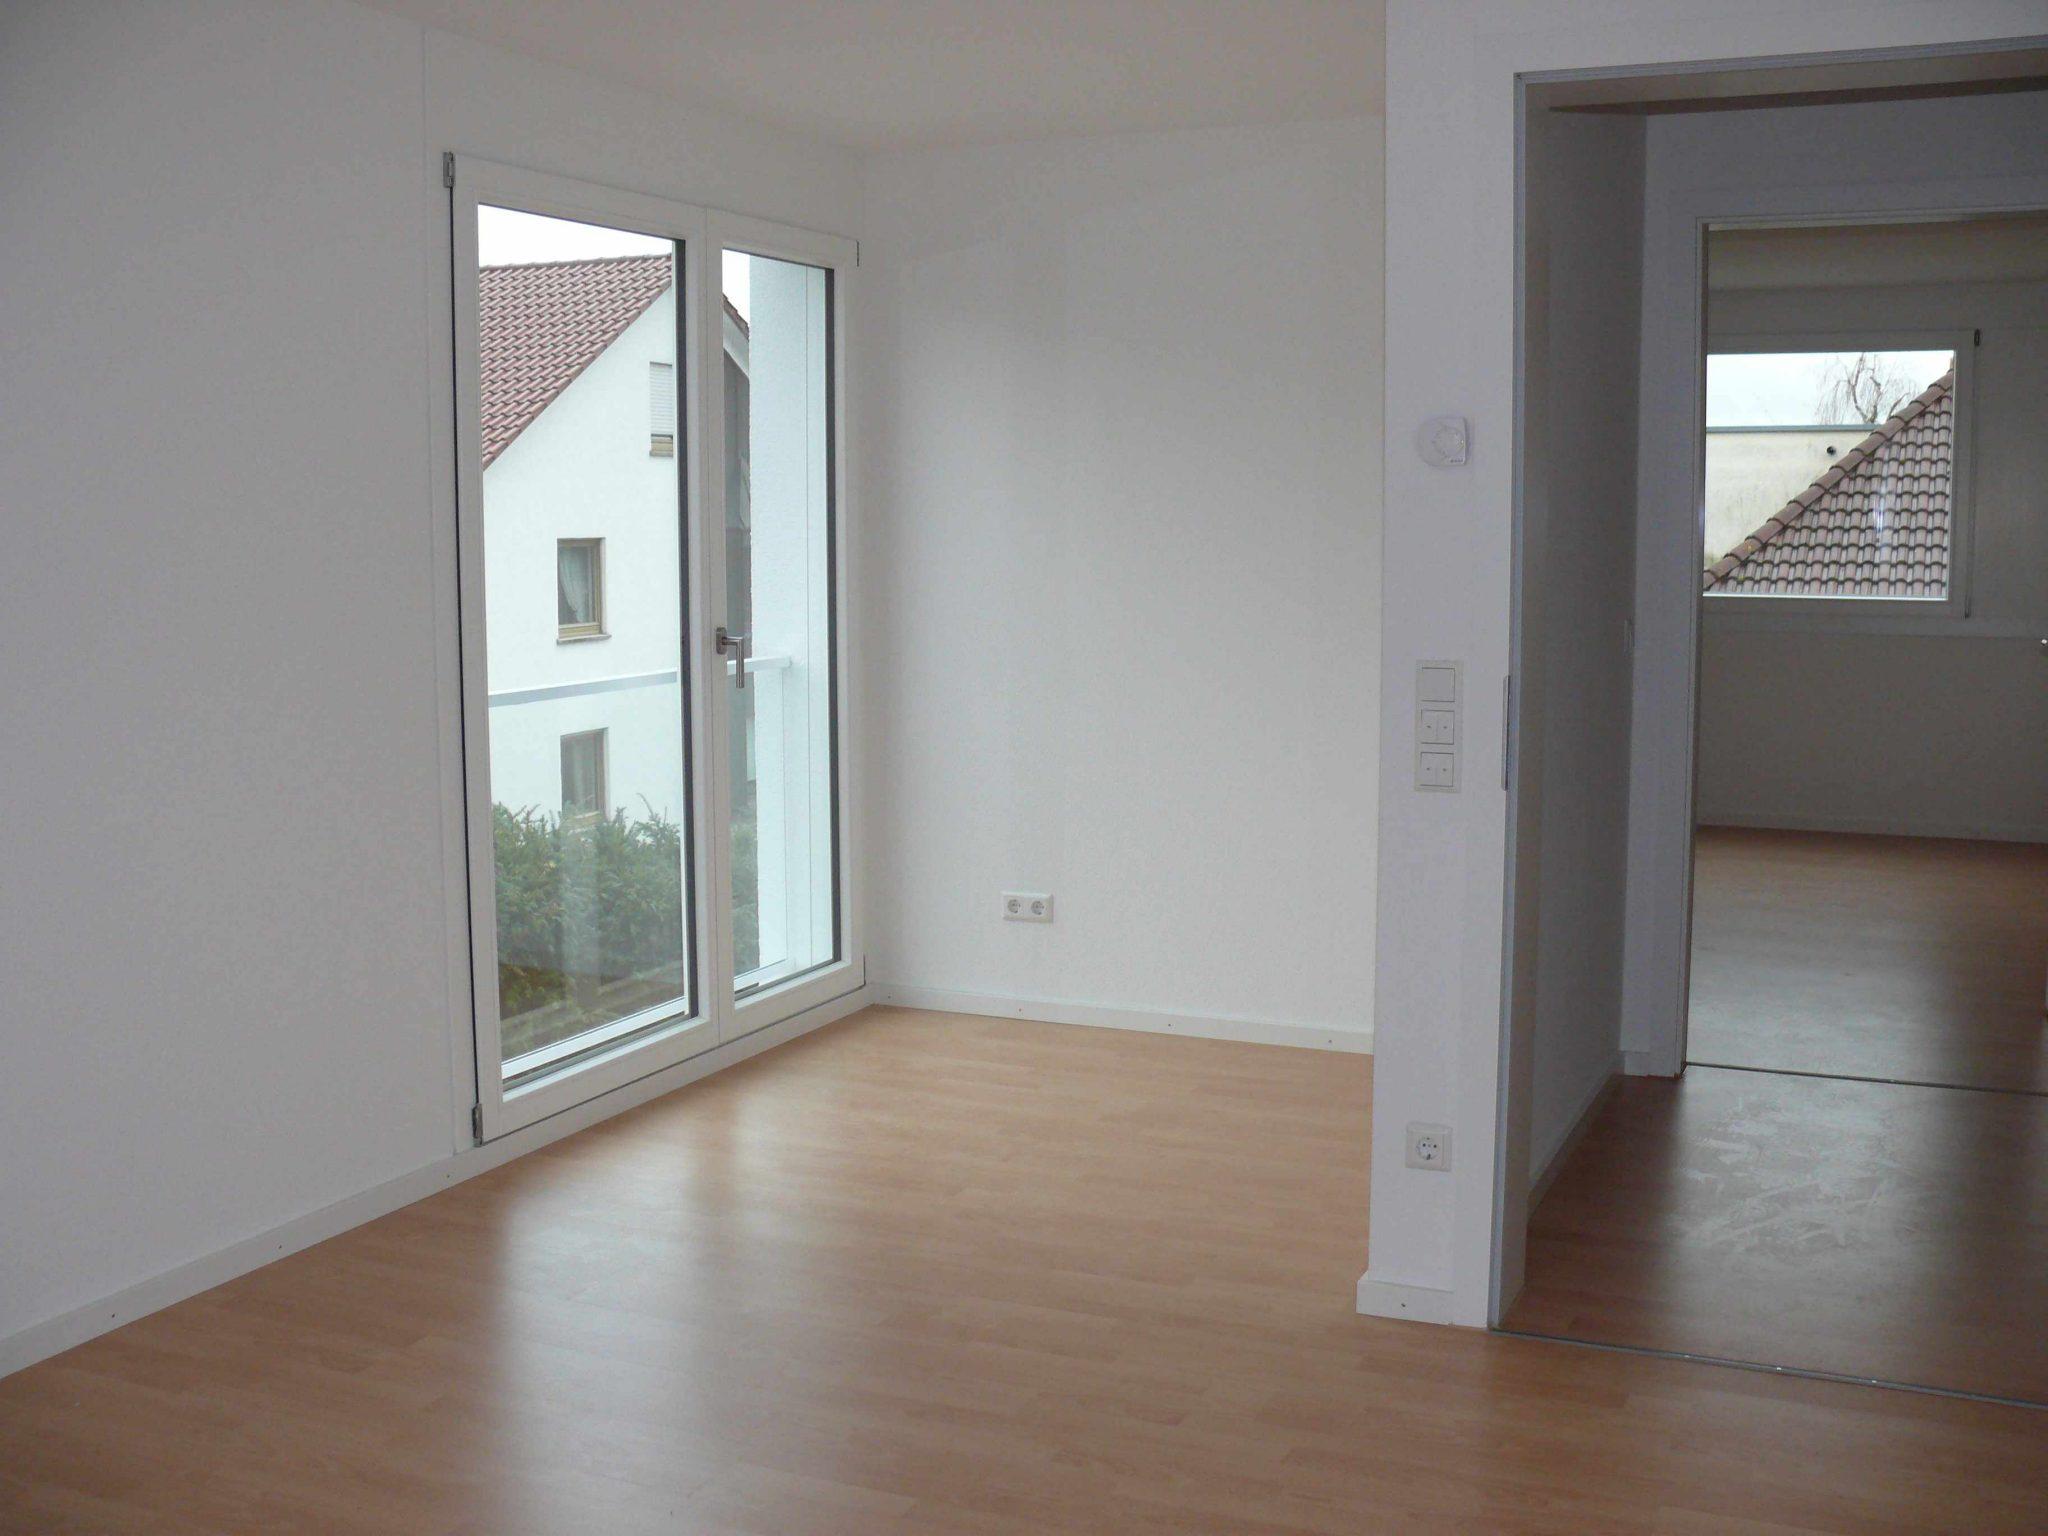 Modernes Wohnen 4 Zi Eg Wohnung Mit Balkon Und 2 Tg Stellplätze